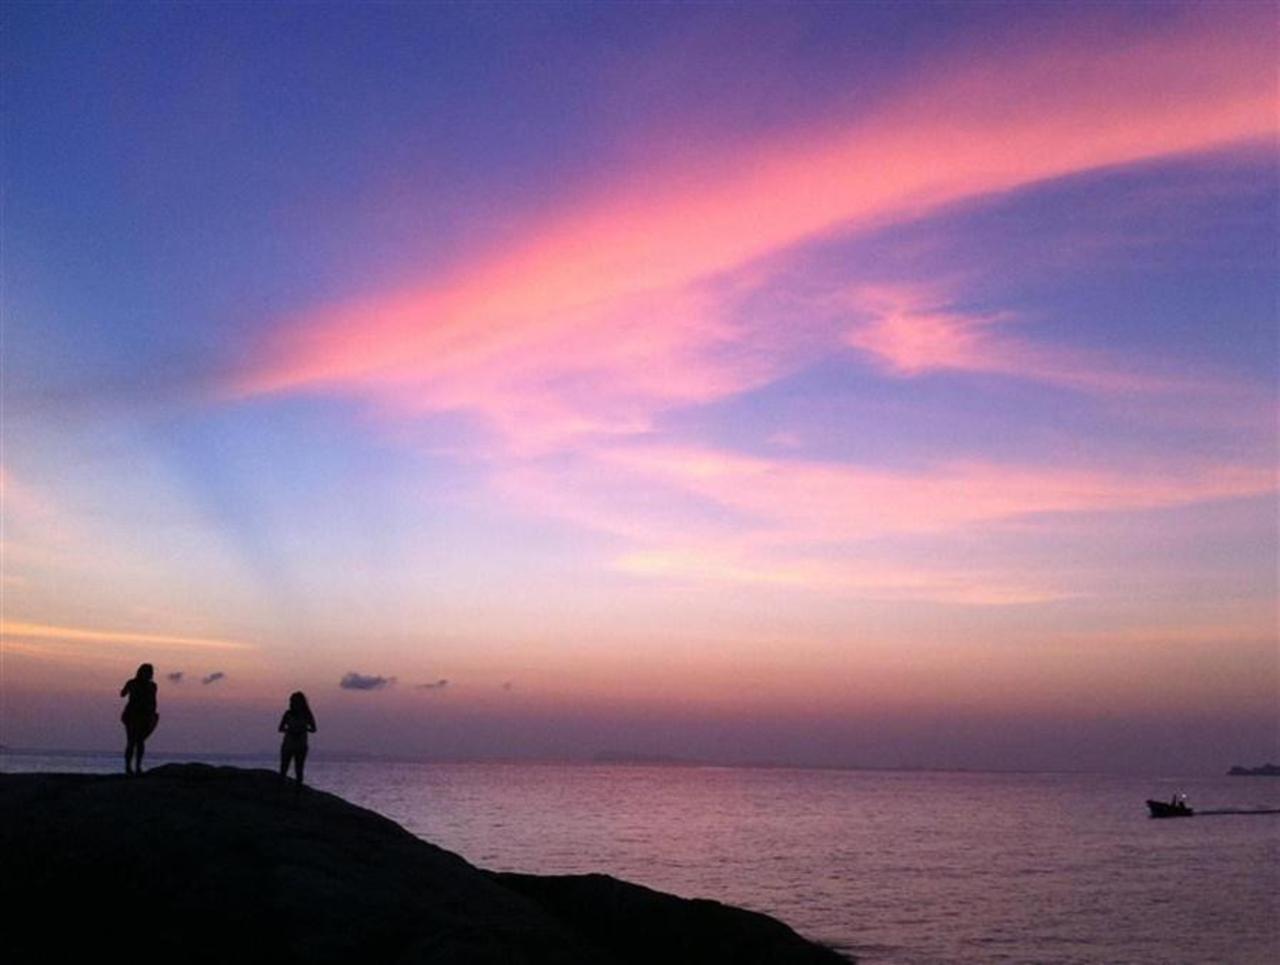 ไลท์เฮาส์ บังกะโล (Lighthouse Bungalows)